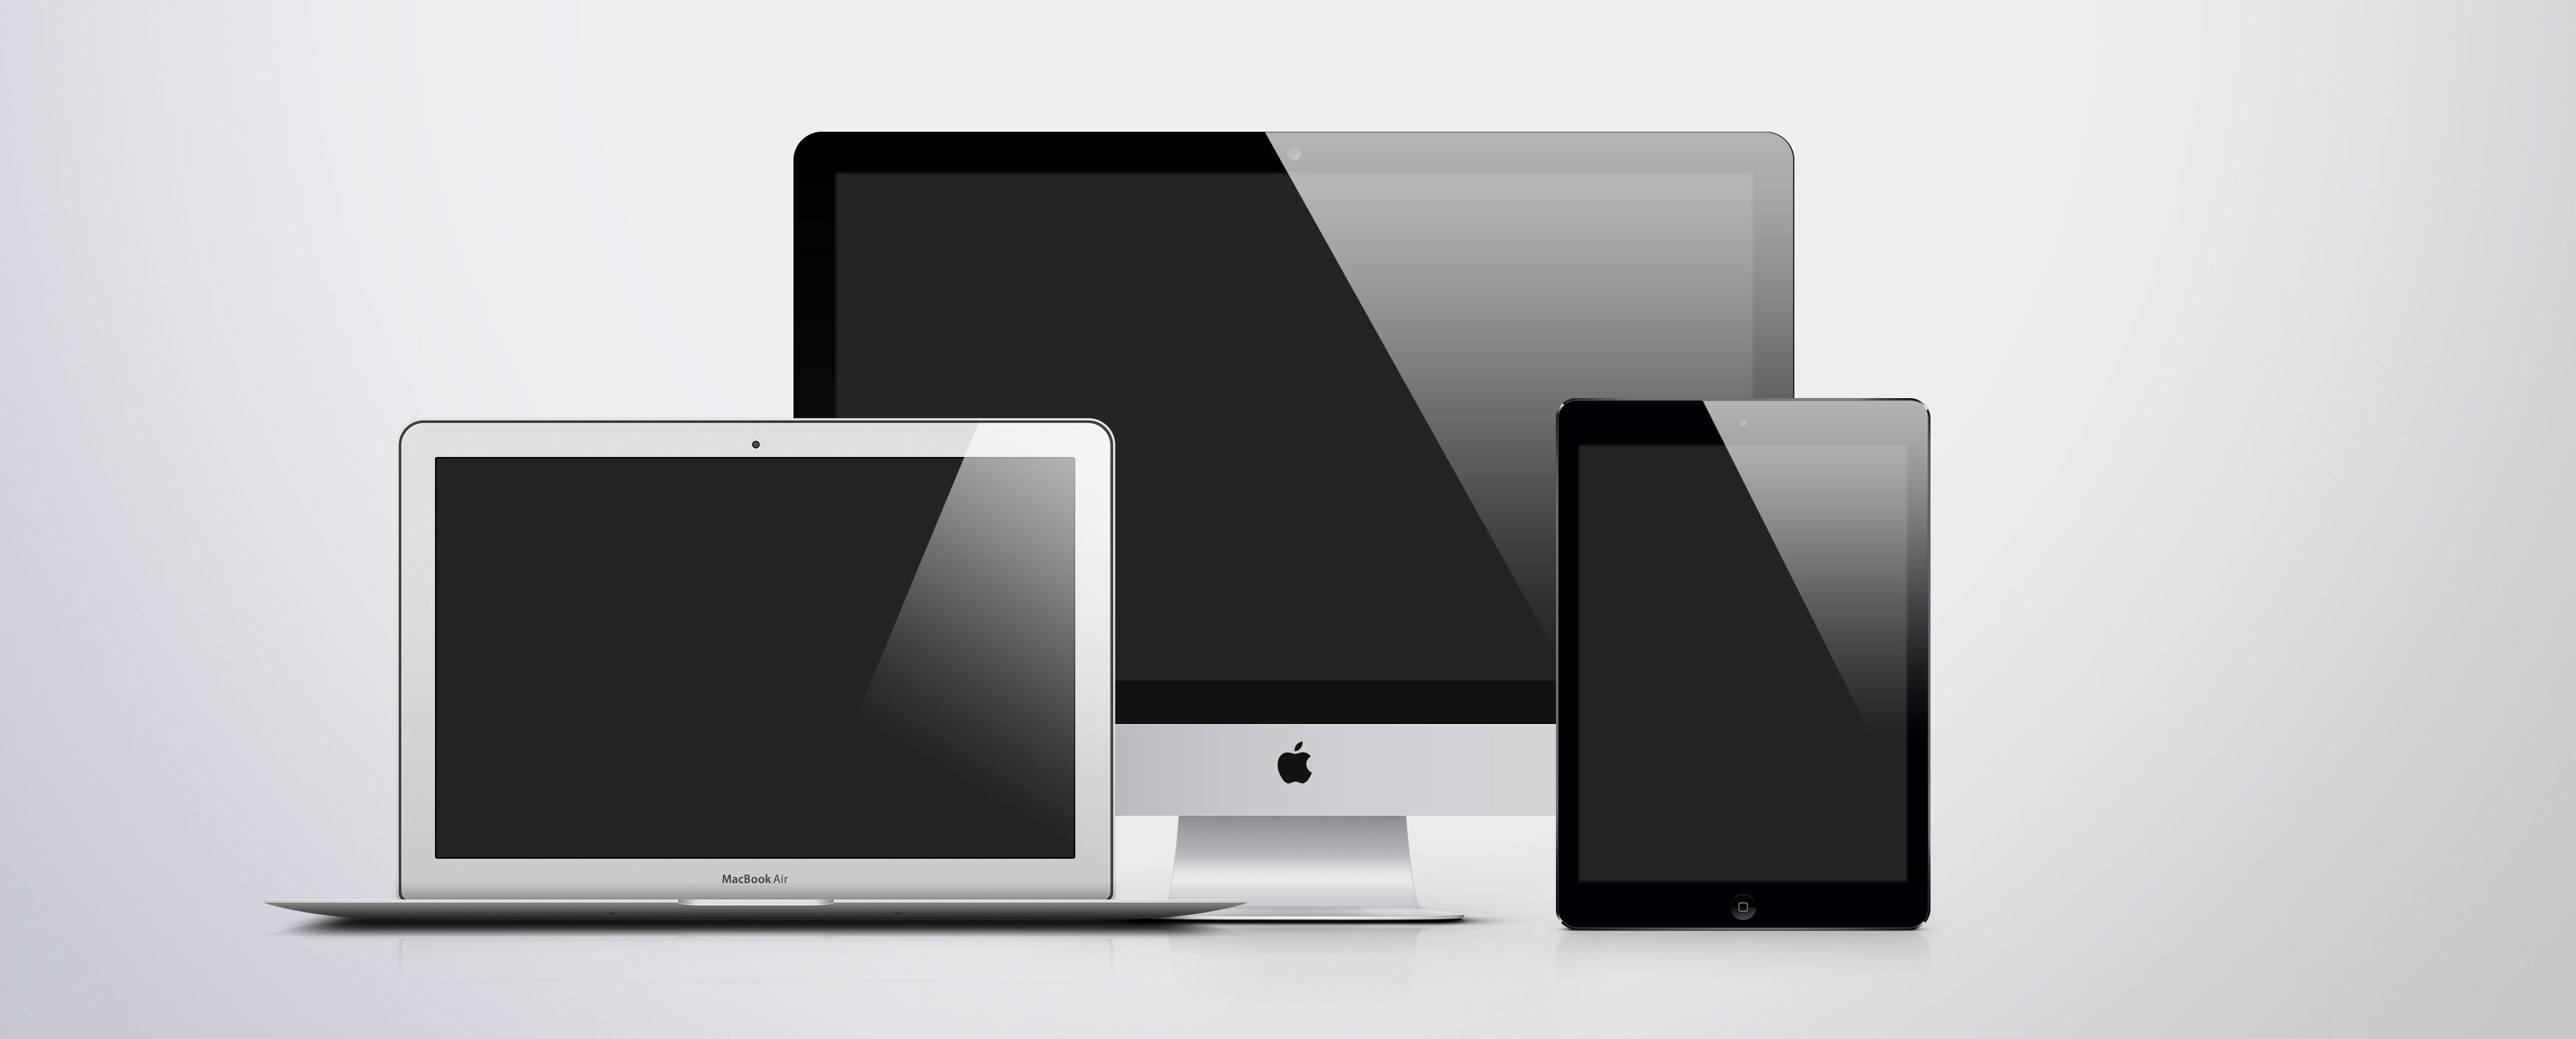 Web Design Portfolio Image Title